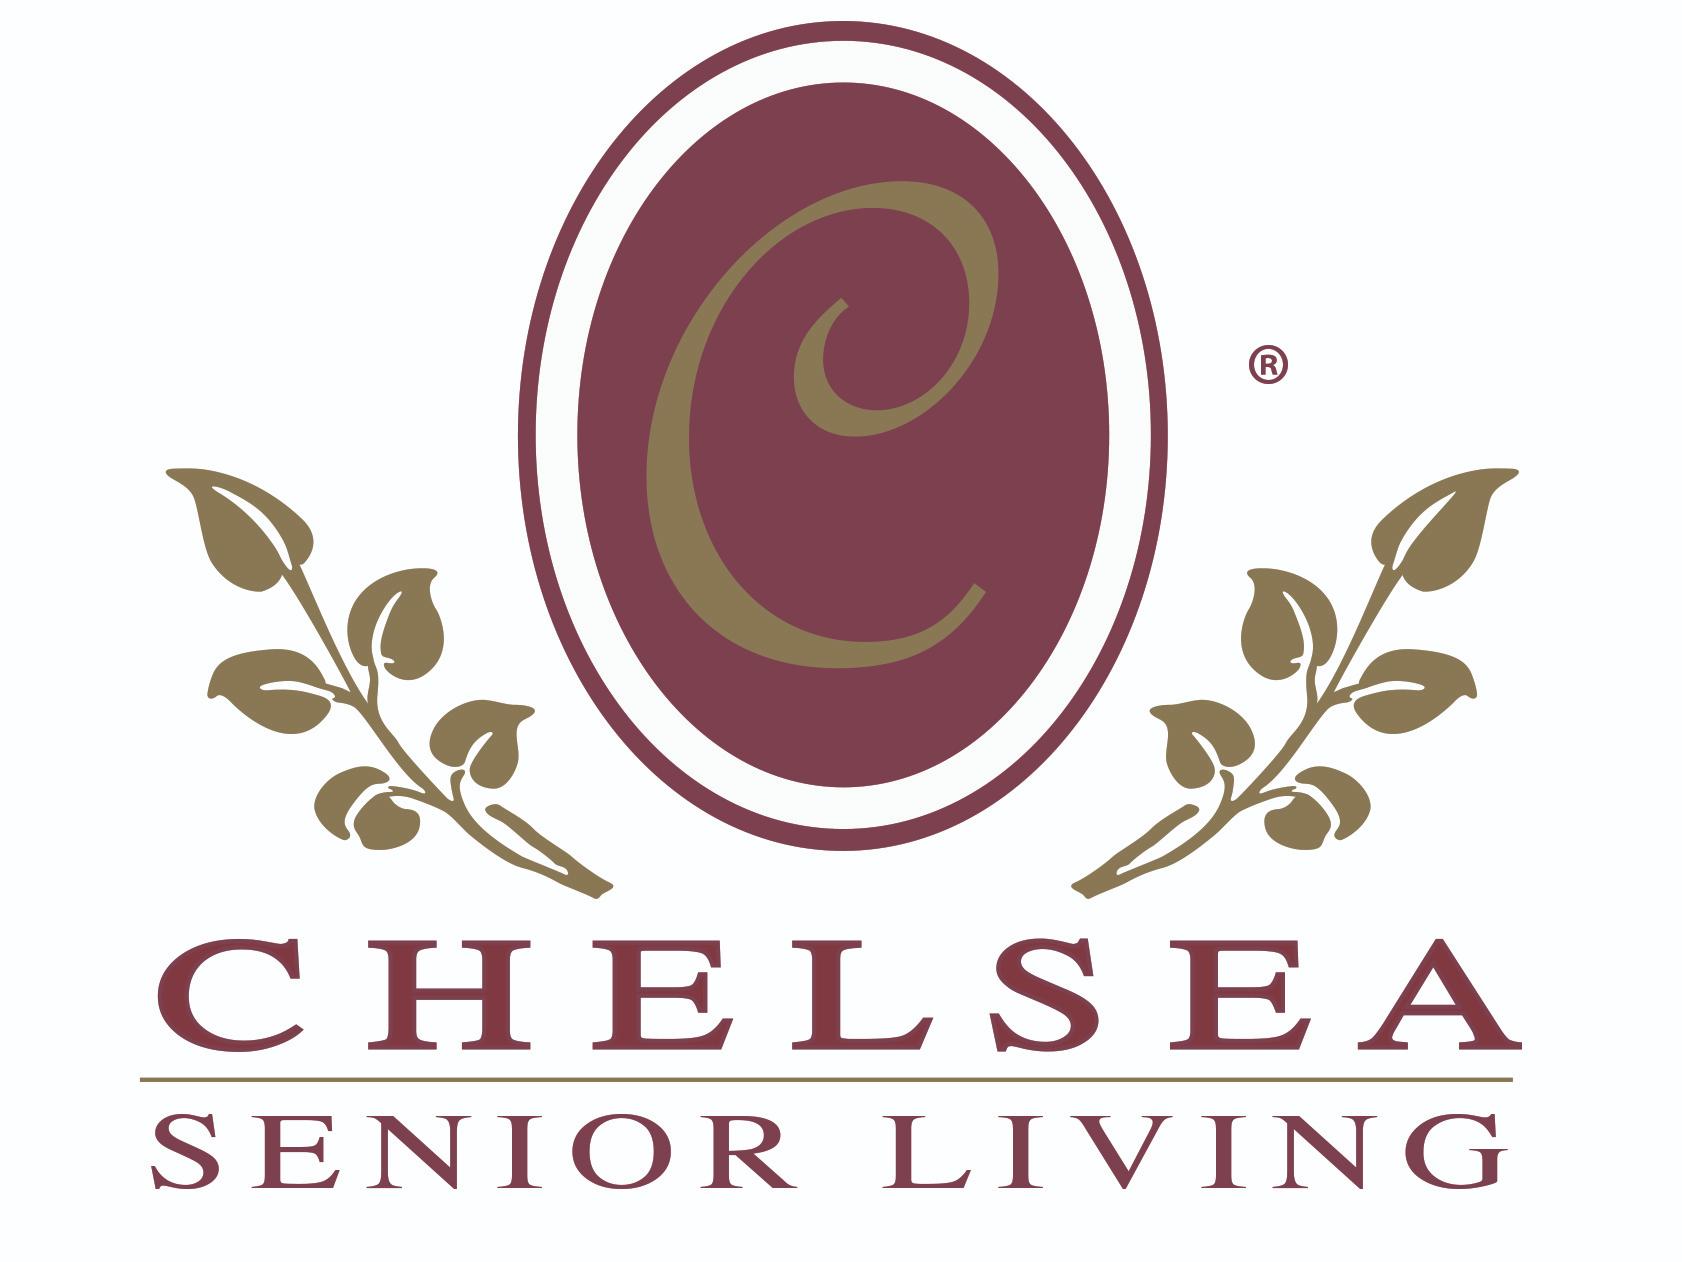 Chelsea Senior Living